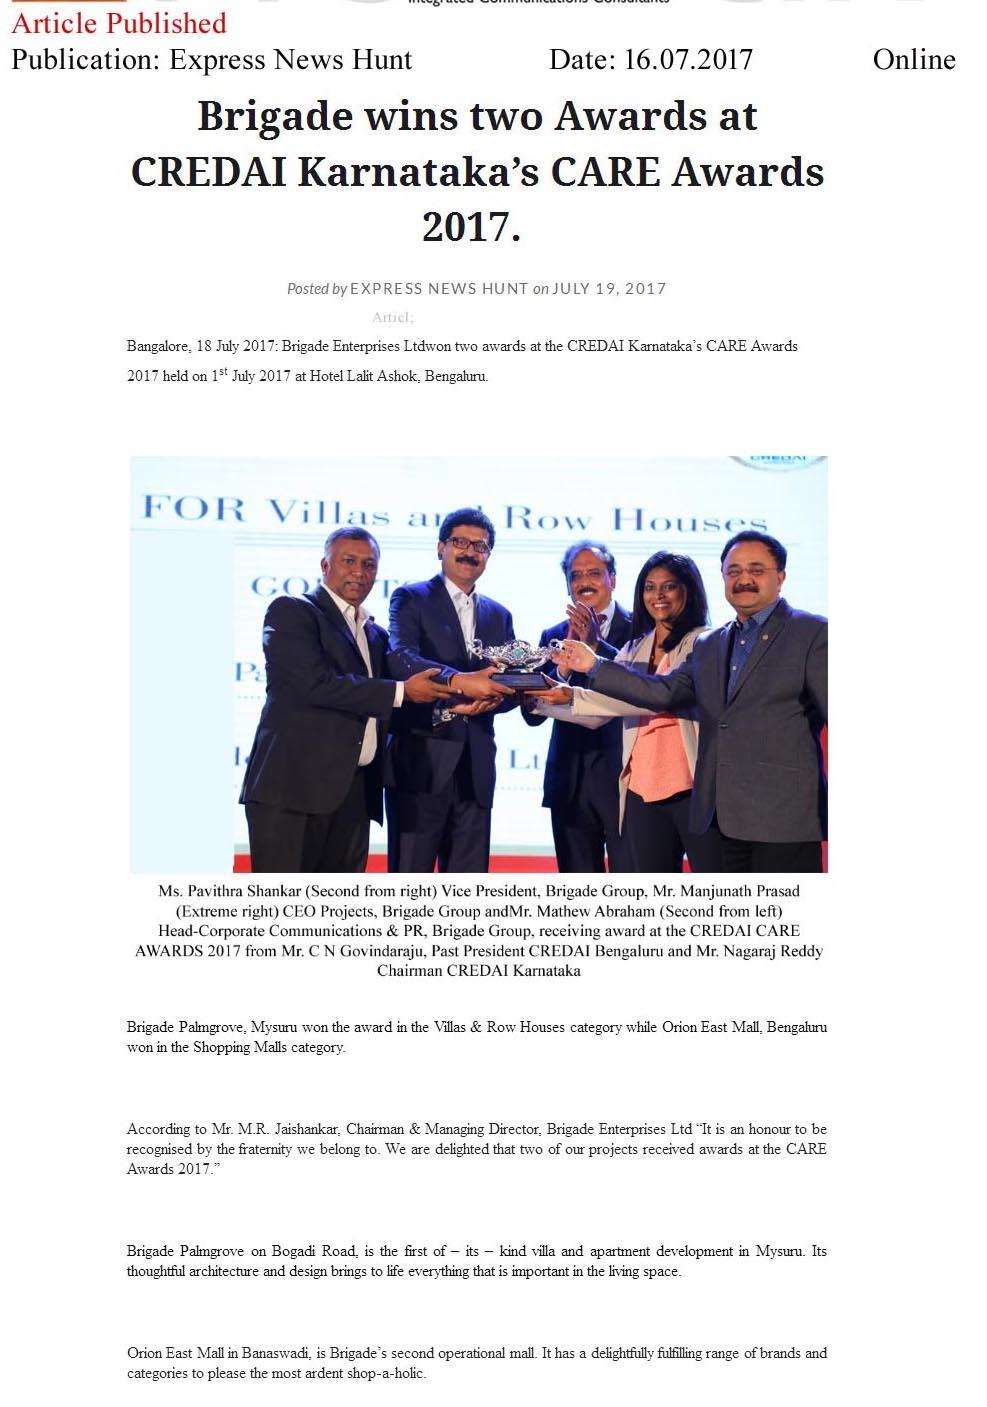 Brigade Wins Two Awards at CREDAI Karnataka's CARE Awards 2017—Express News Hunt-Online